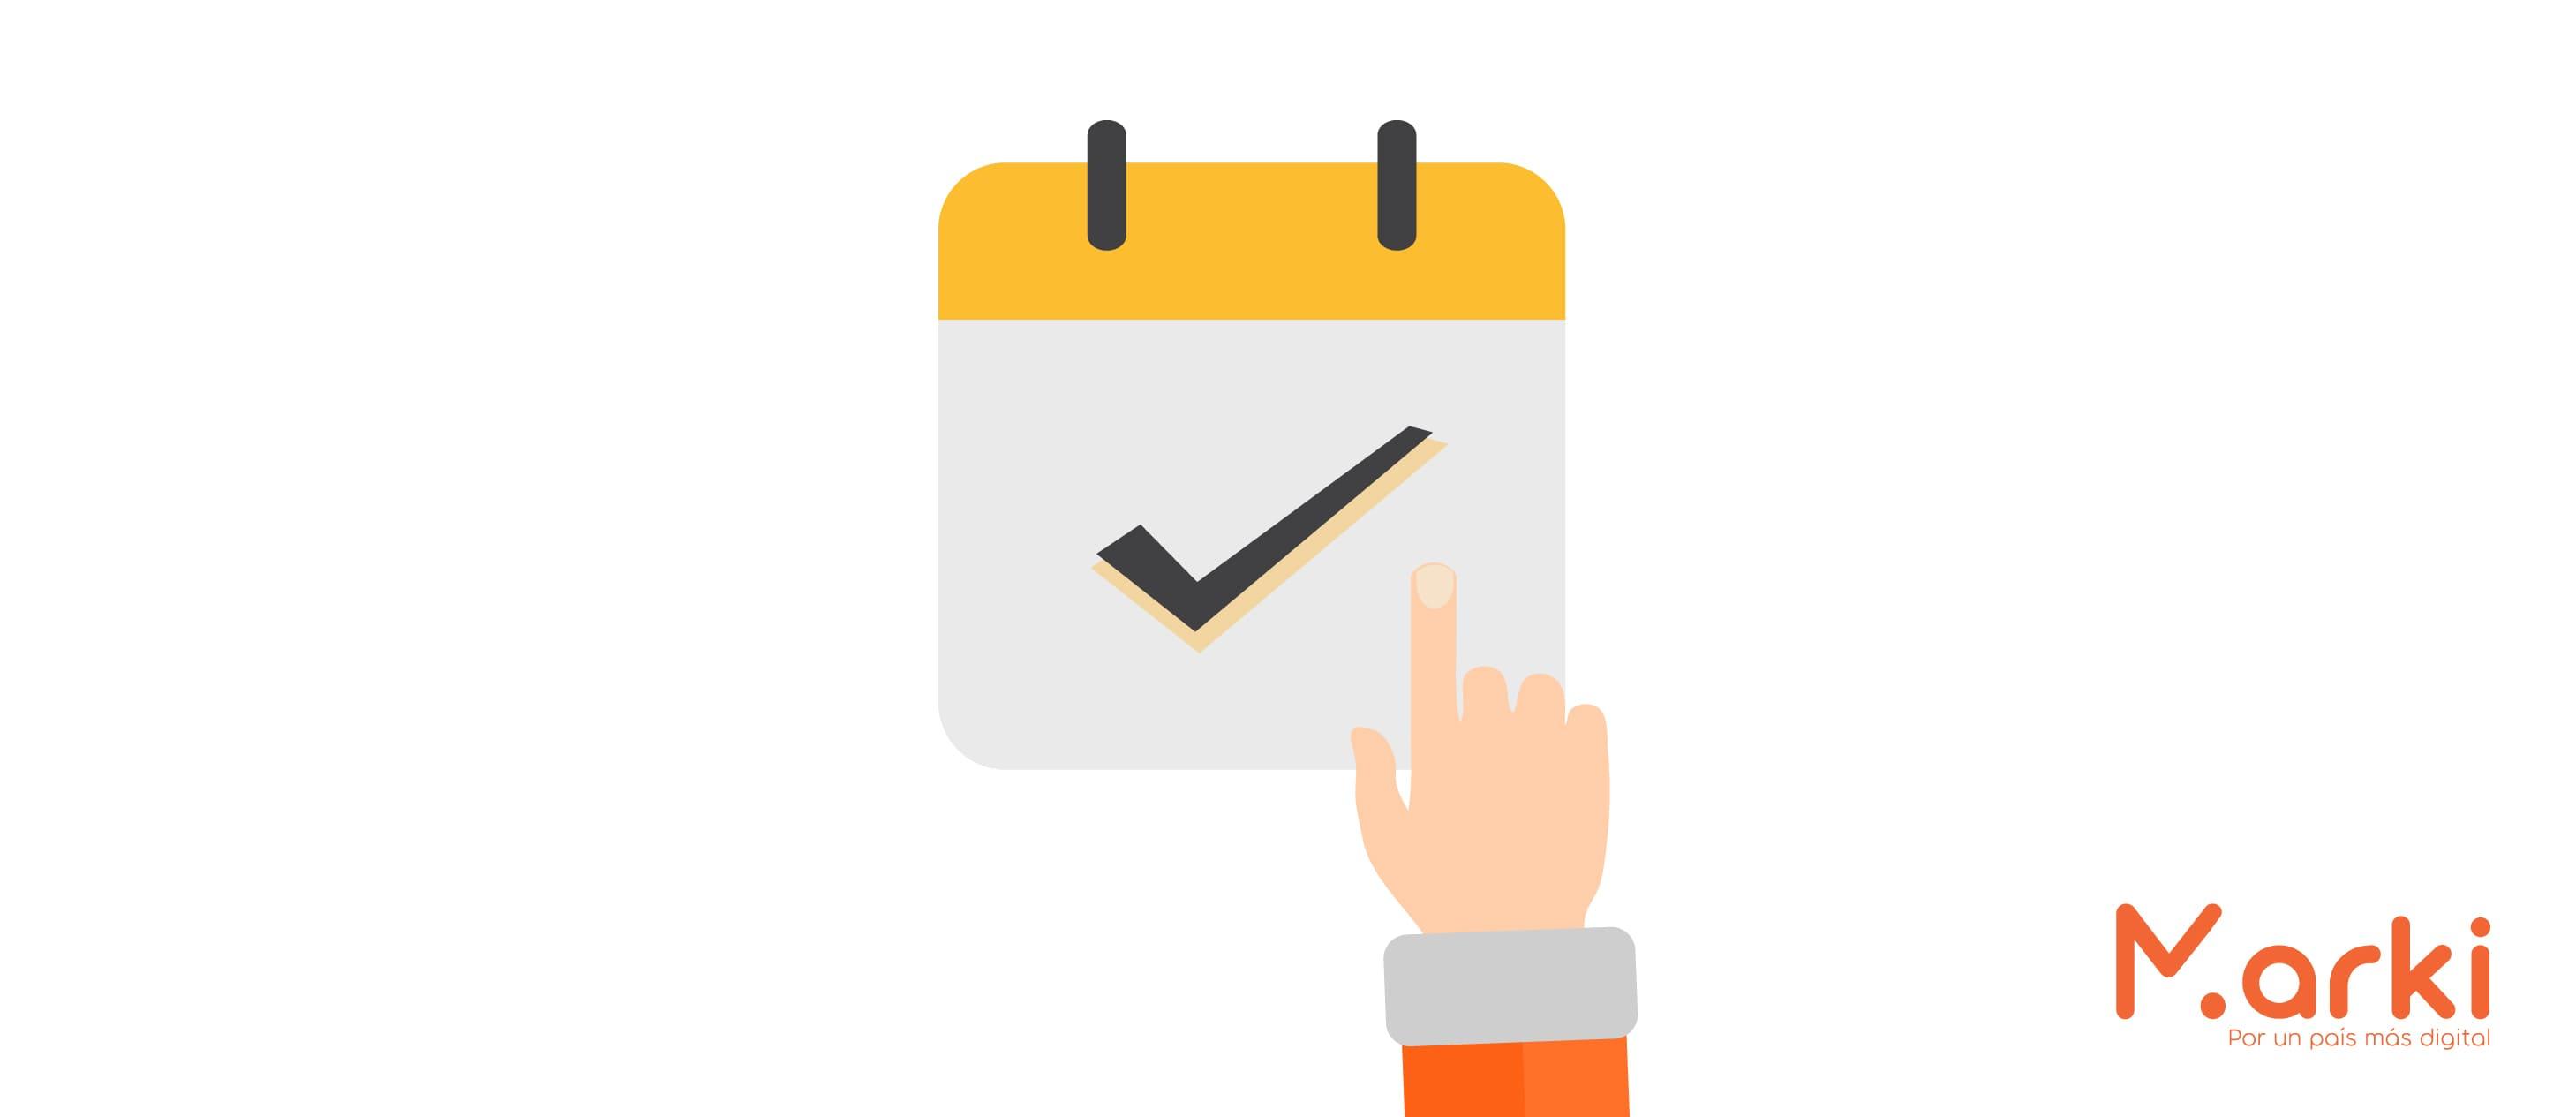 checklist que es la creación de contenido como crear contenido para redes sociales como crear contenido de calidad para redes sociales como crear un calendario para redes sociales como crear un contenido voluntariado peru Voluntariado online capacitacion de marketing digital voluntariado marki